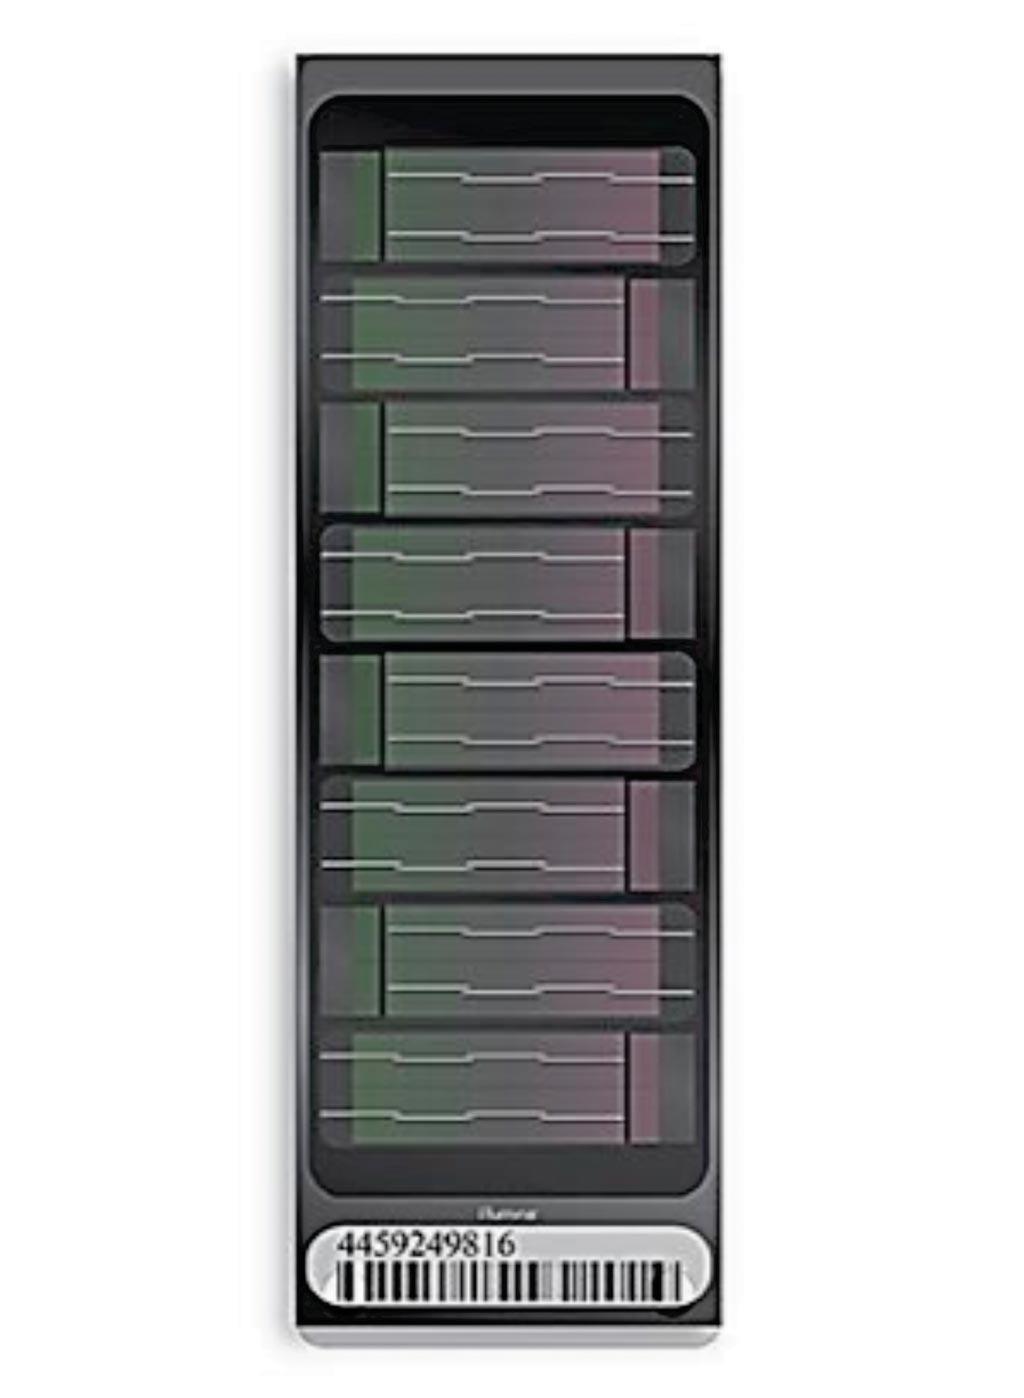 Image: The high-density Human Omni 2.5-8 SNP array (Photo courtesy of Illumina).